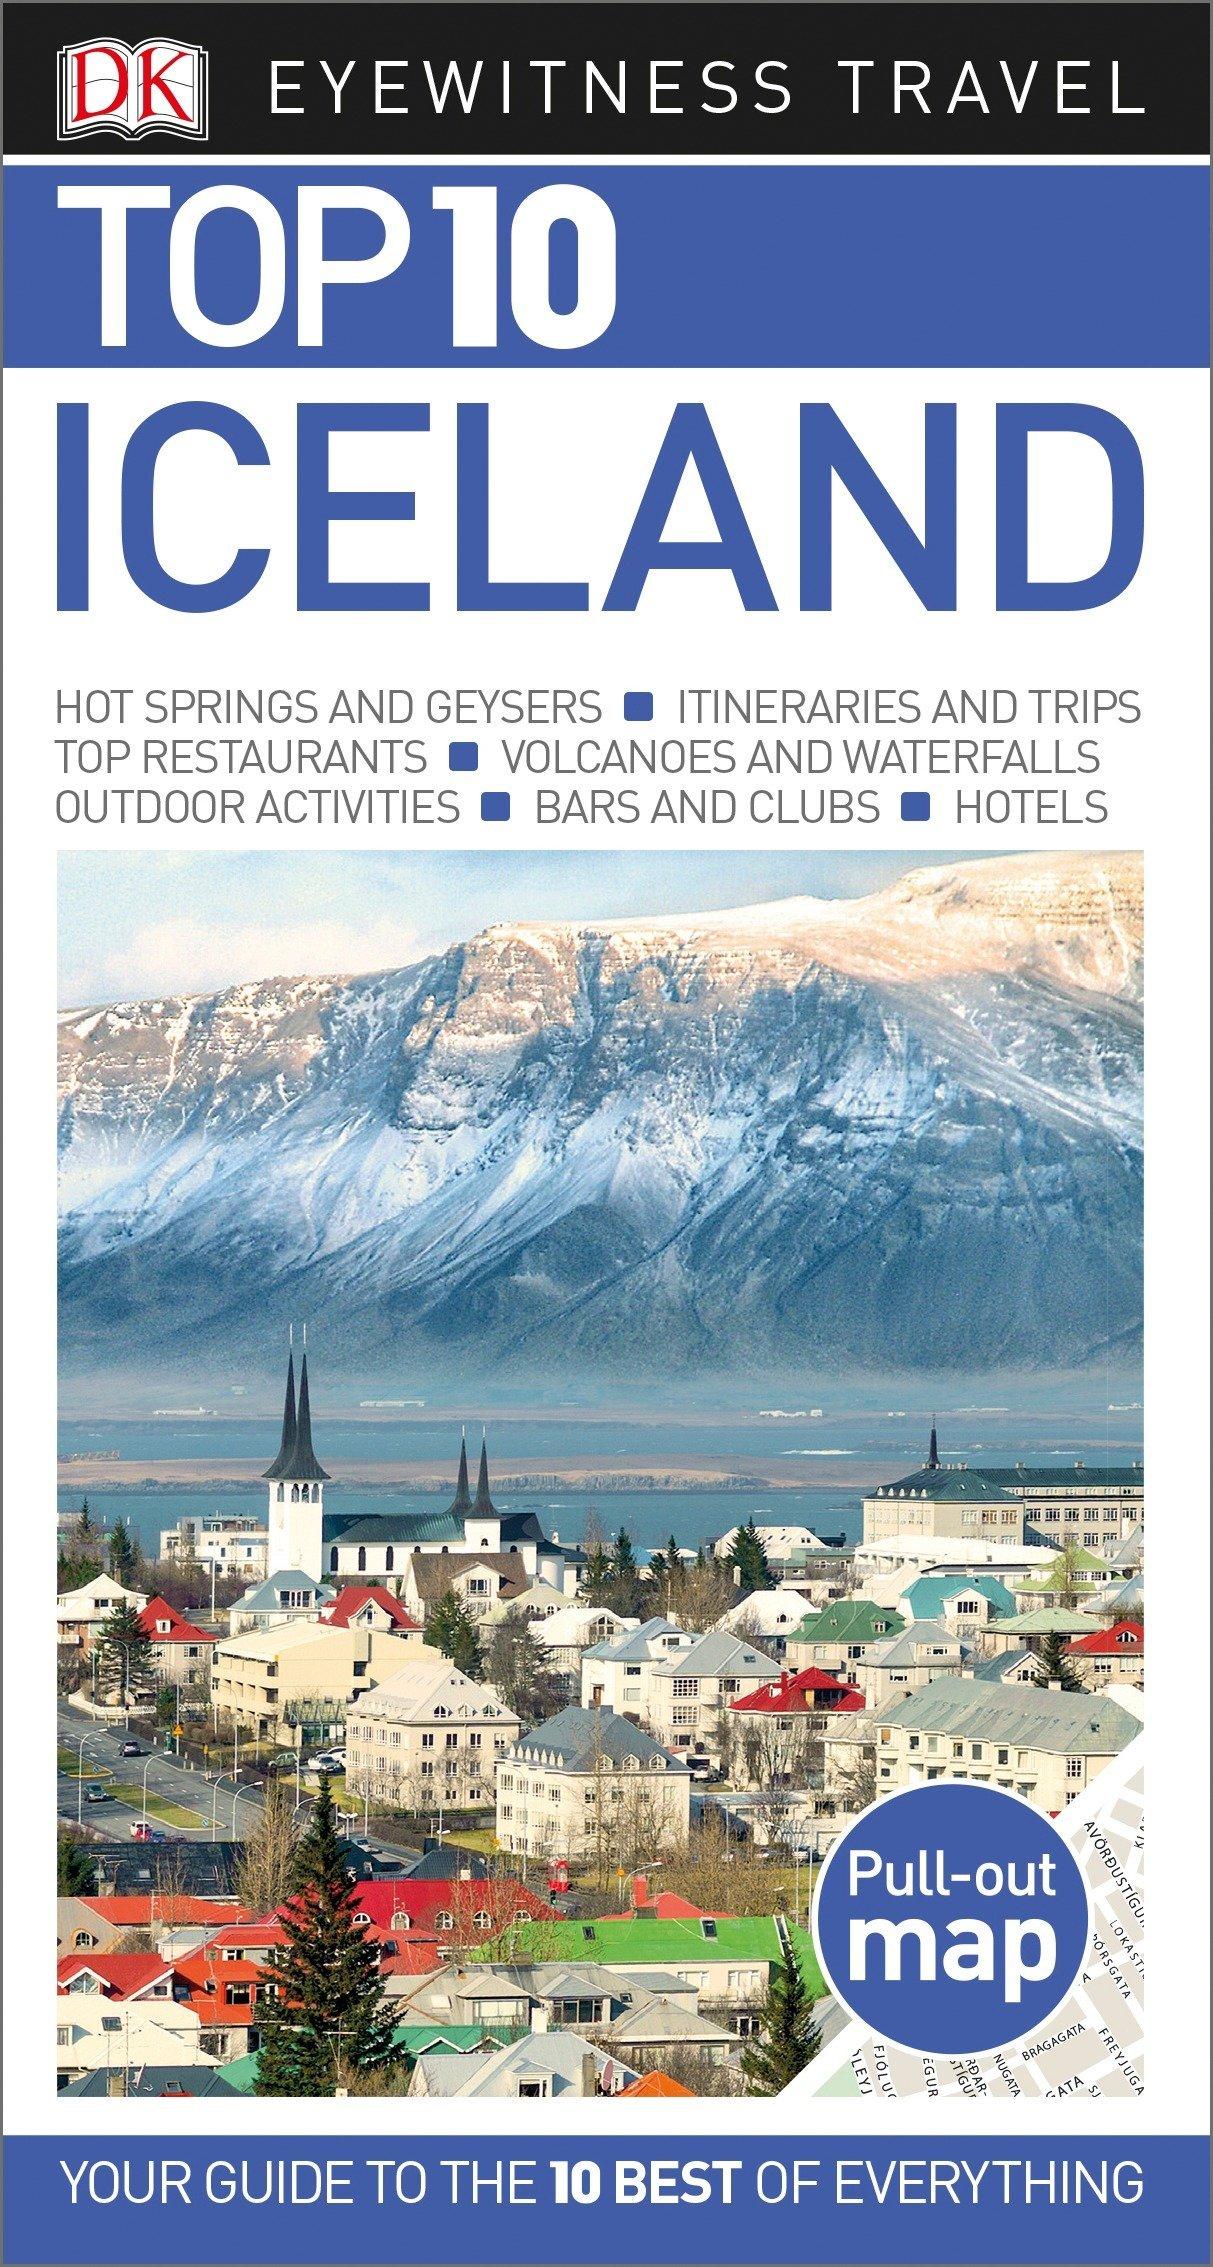 Top 10 Iceland (Eyewitness Top 10 Travel Guide) Paperback – February 9, 2016 DK Travel DK Eyewitness Travel 1465440933 Iceland; Guidebooks.